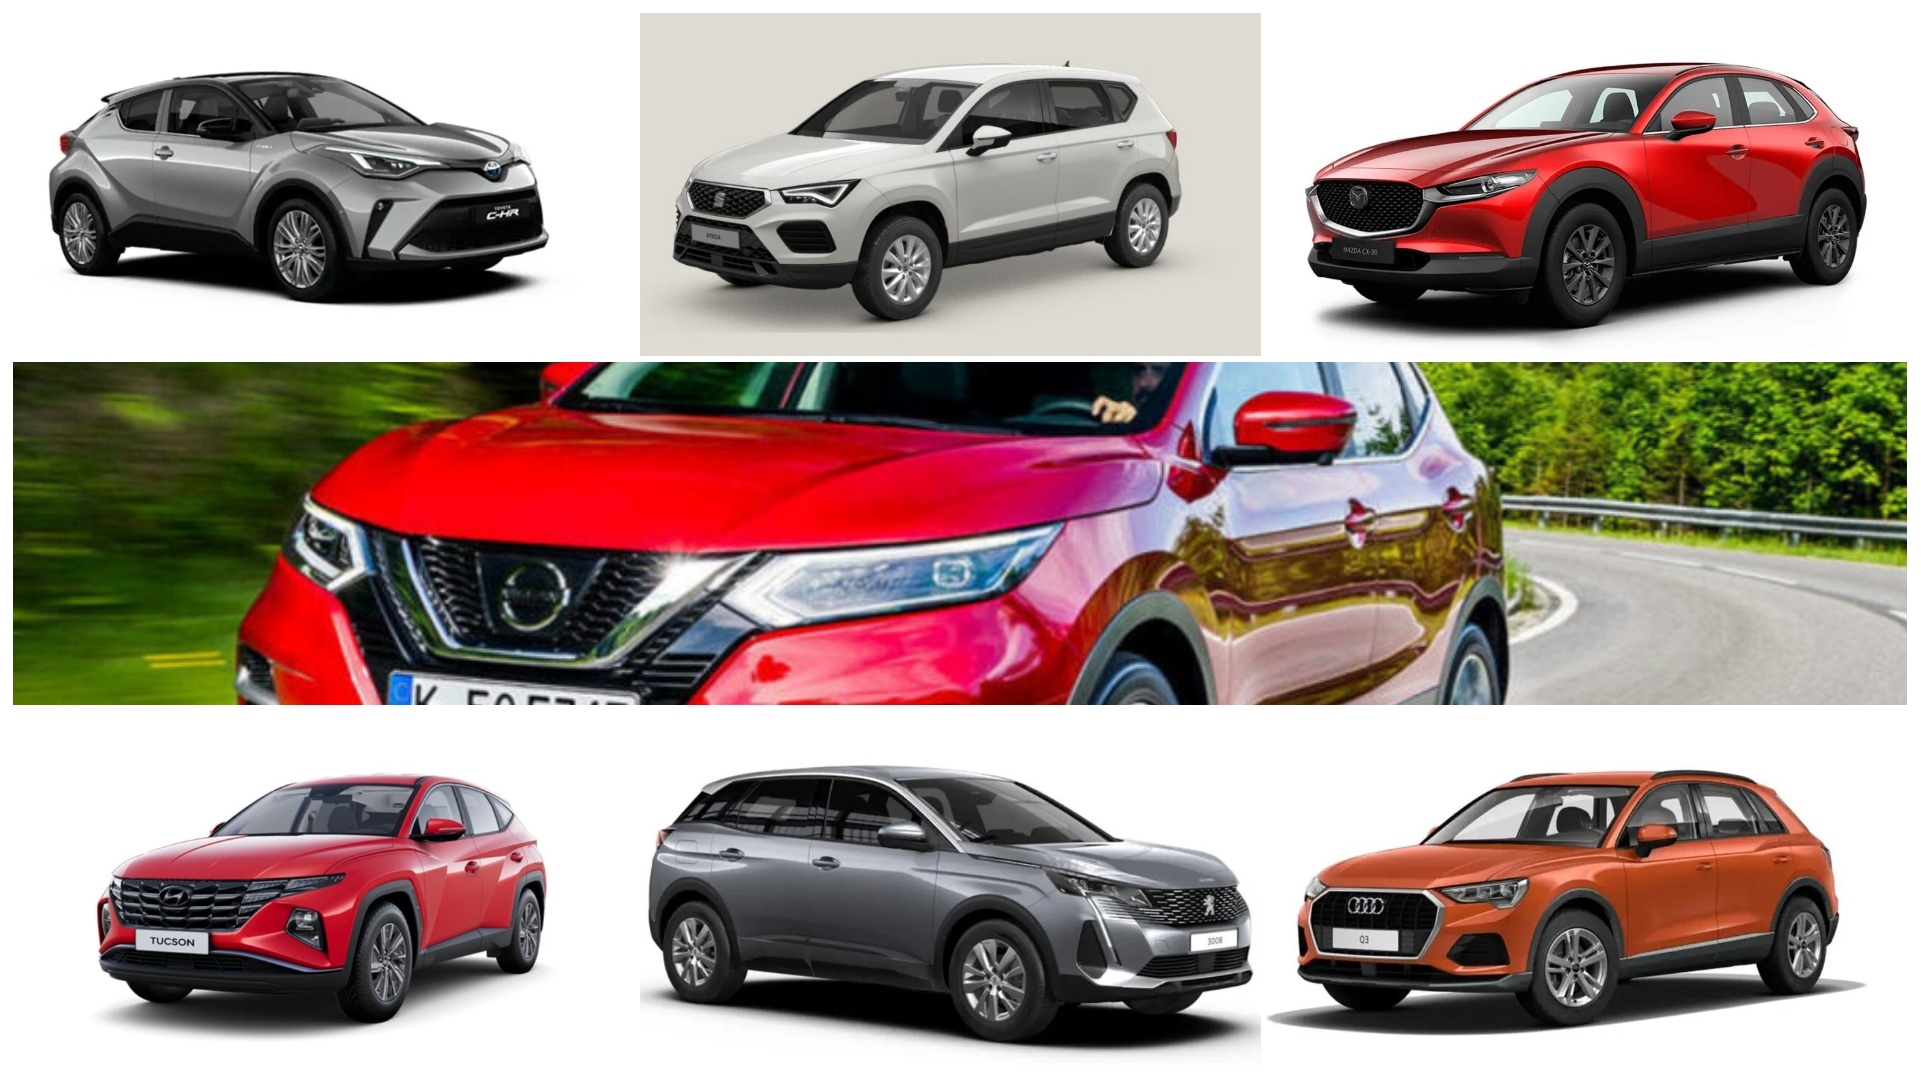 Analizamos 7 SUV compactos básicos, ¿cuándo interesan?